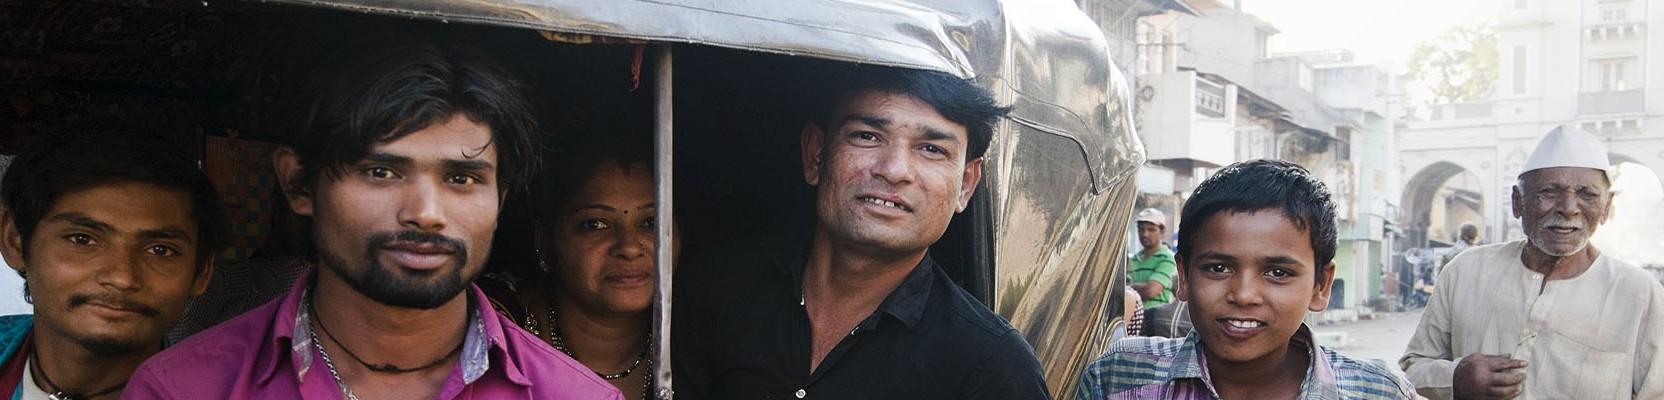 Indien reise-ansichten